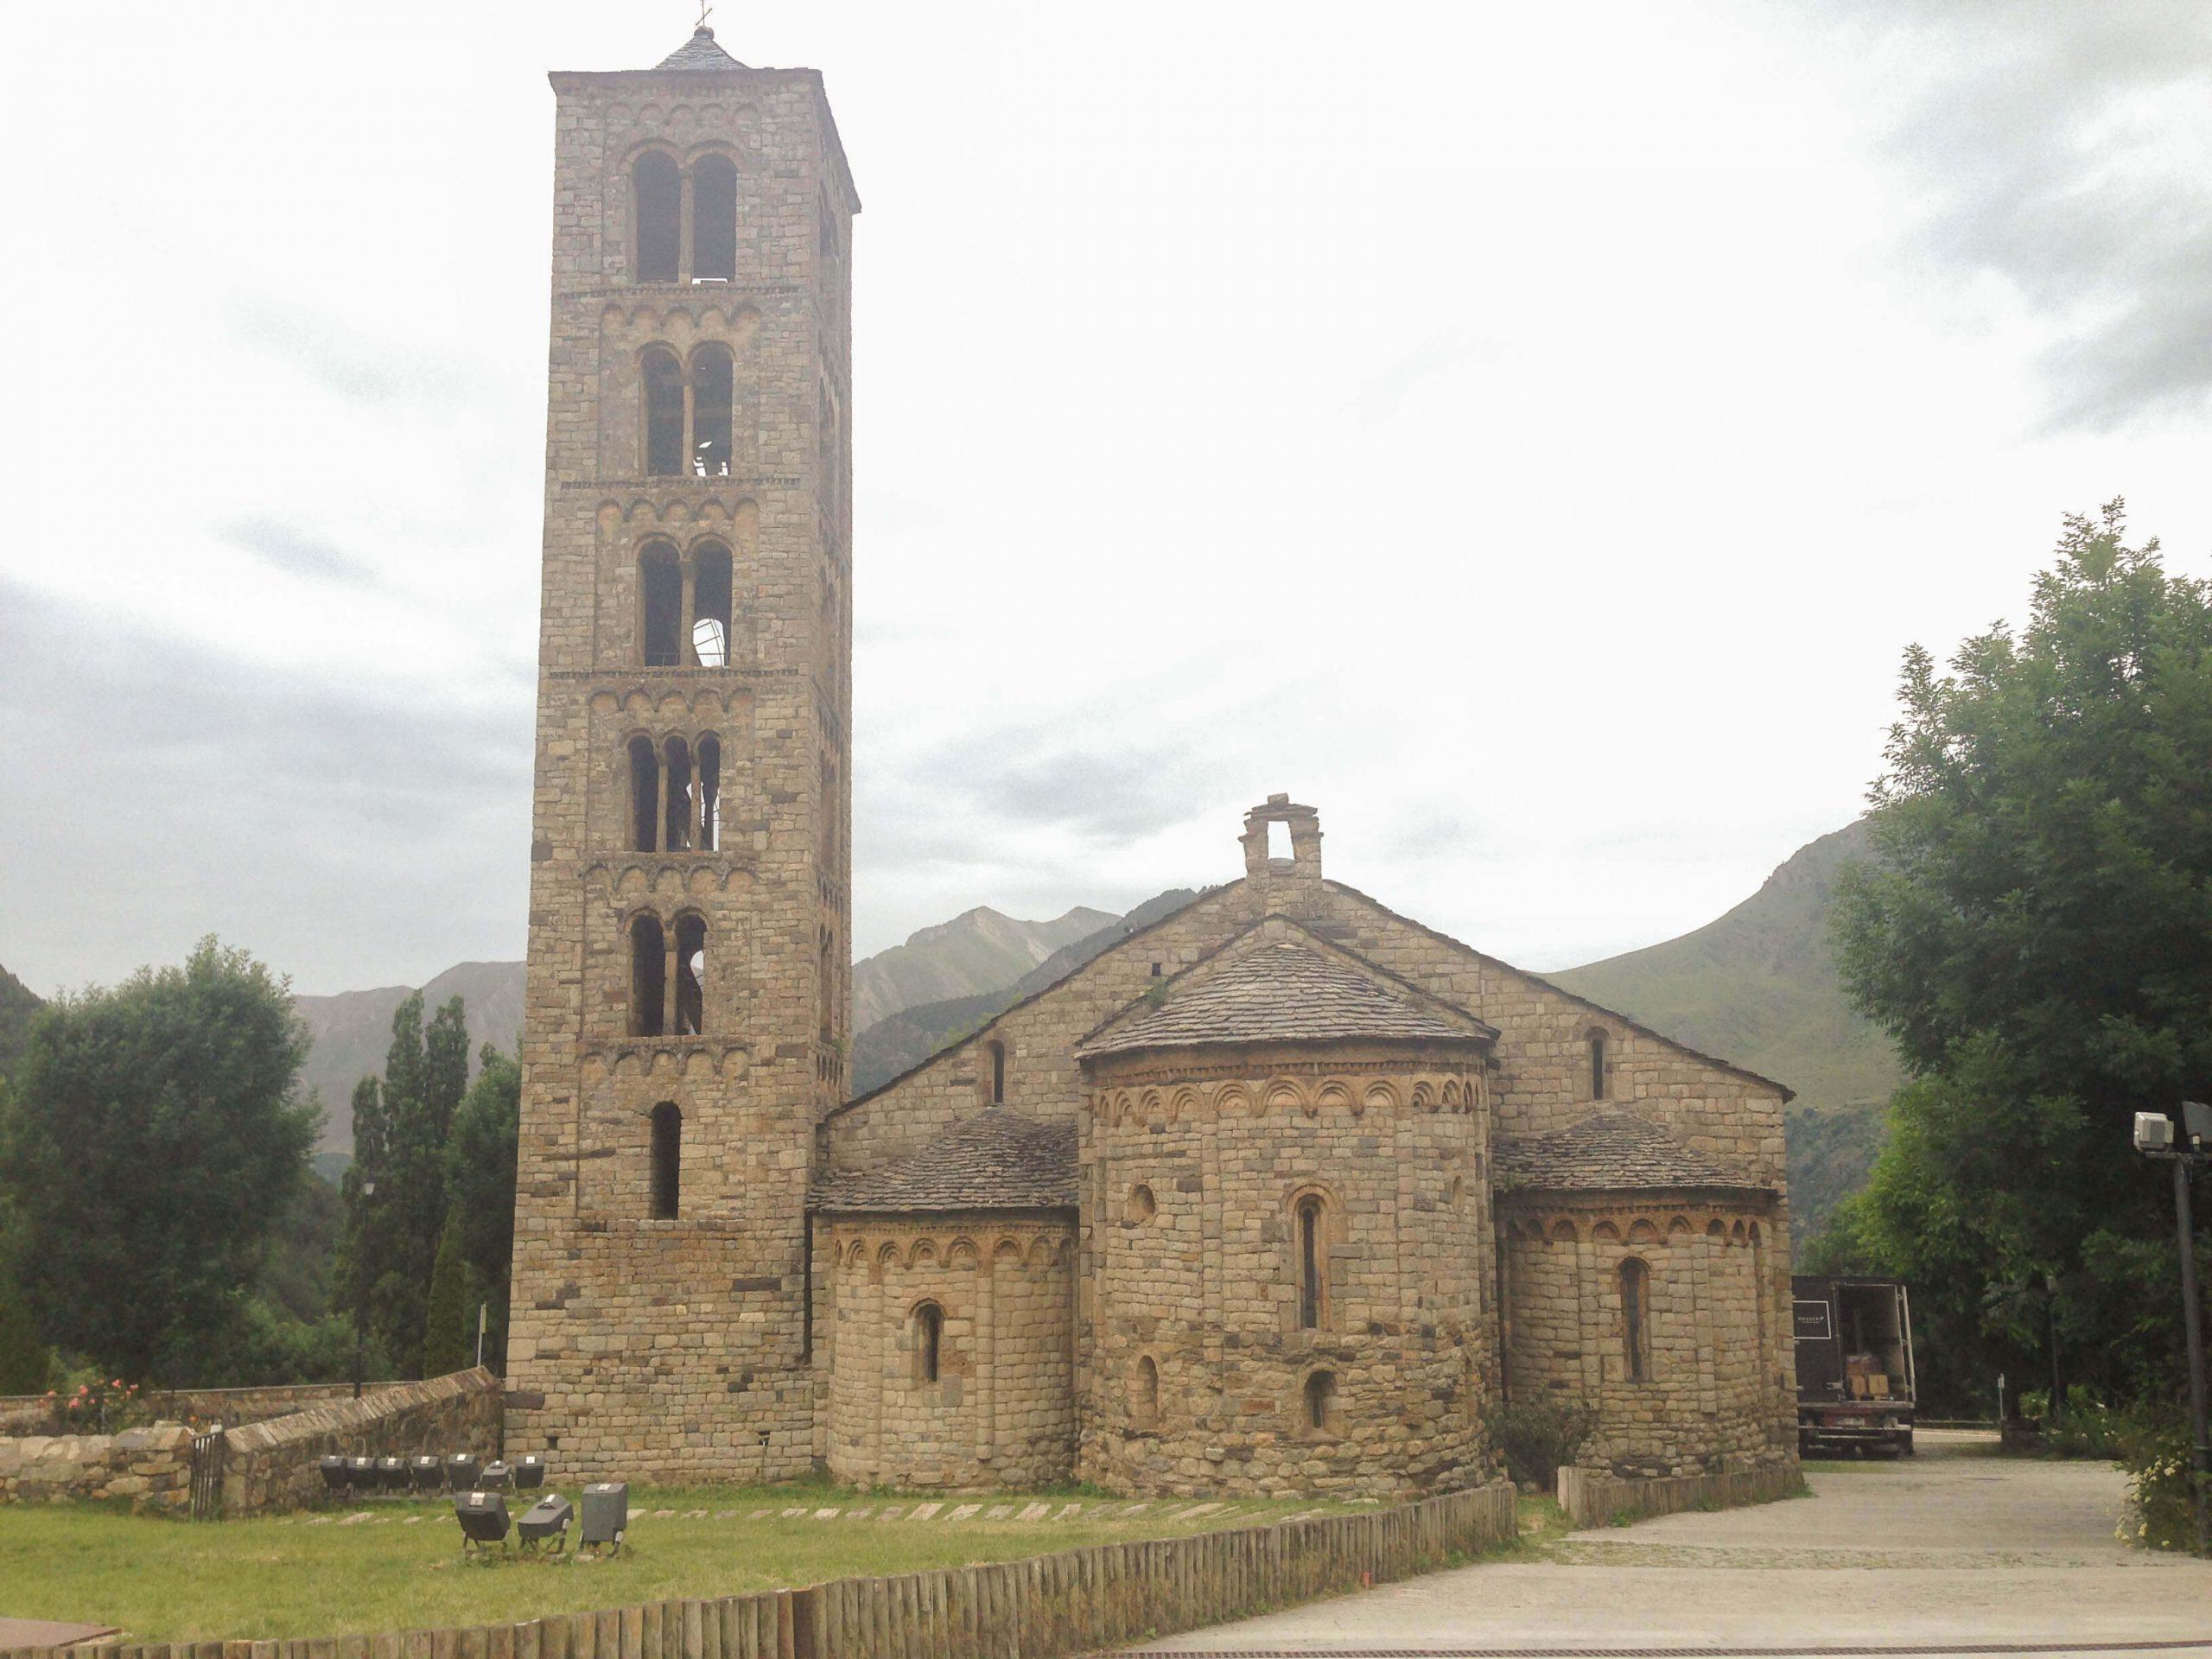 Fent la ruta del romànic a la vall de Boí